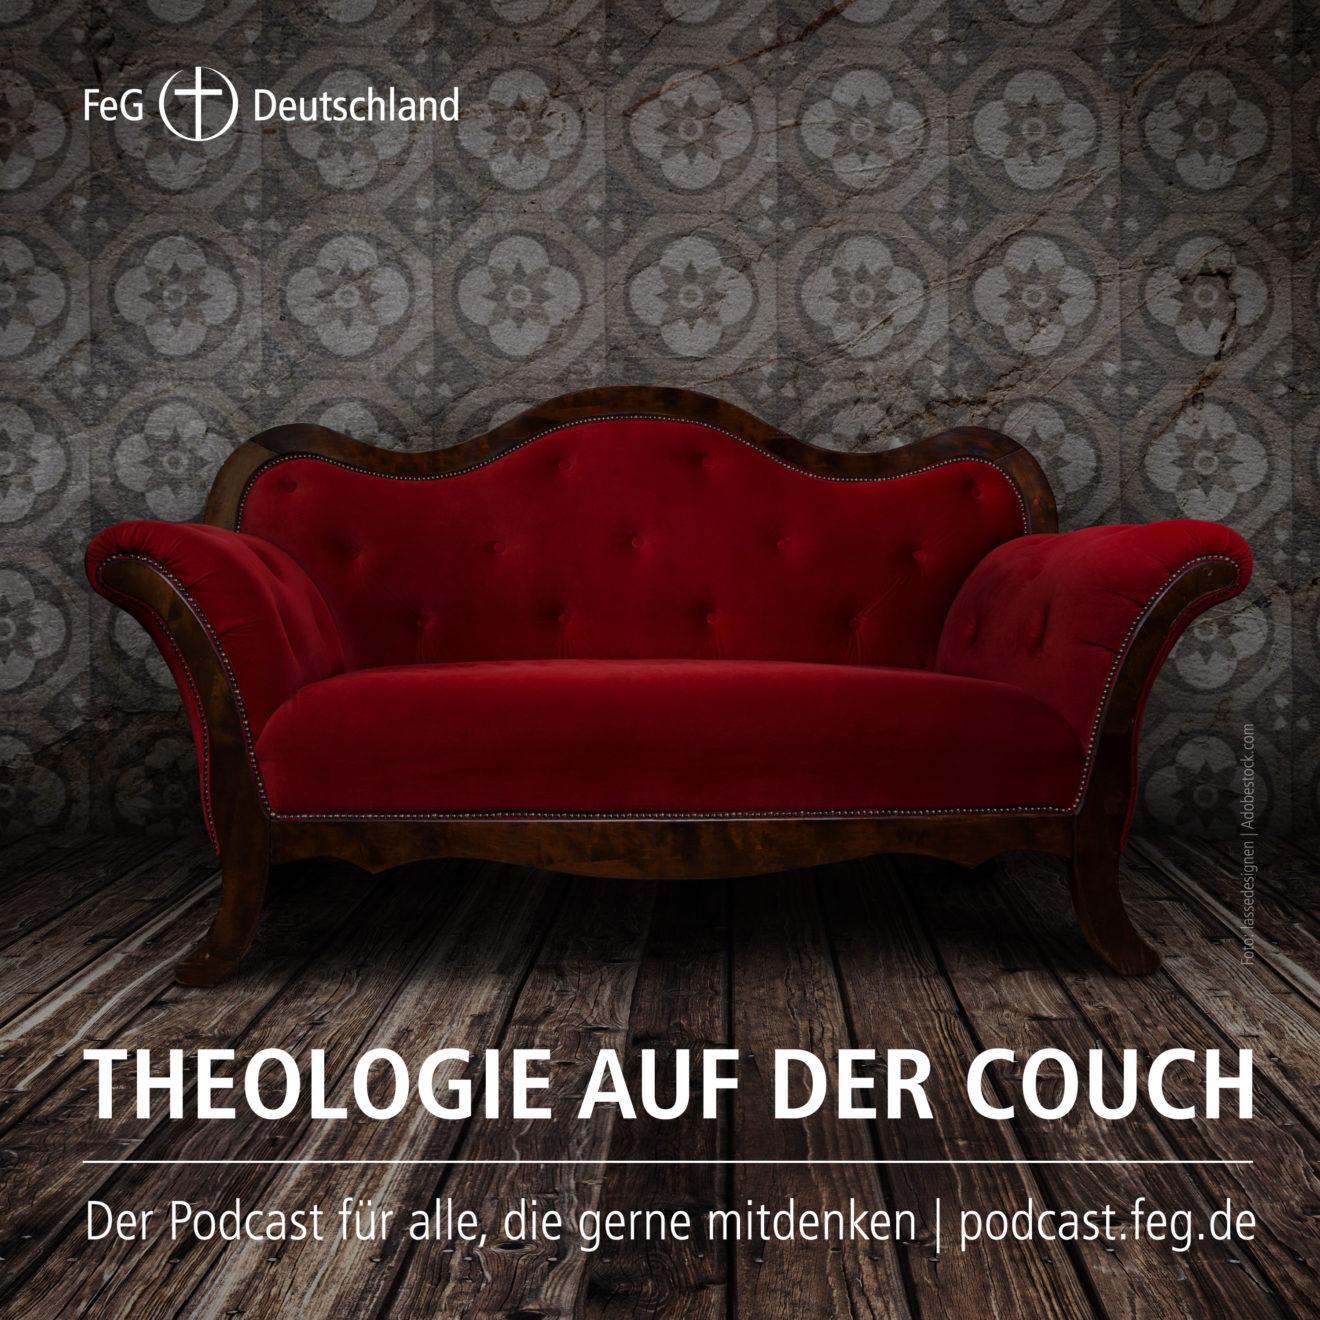 FeG-Podcast | Theologie auf der Couch